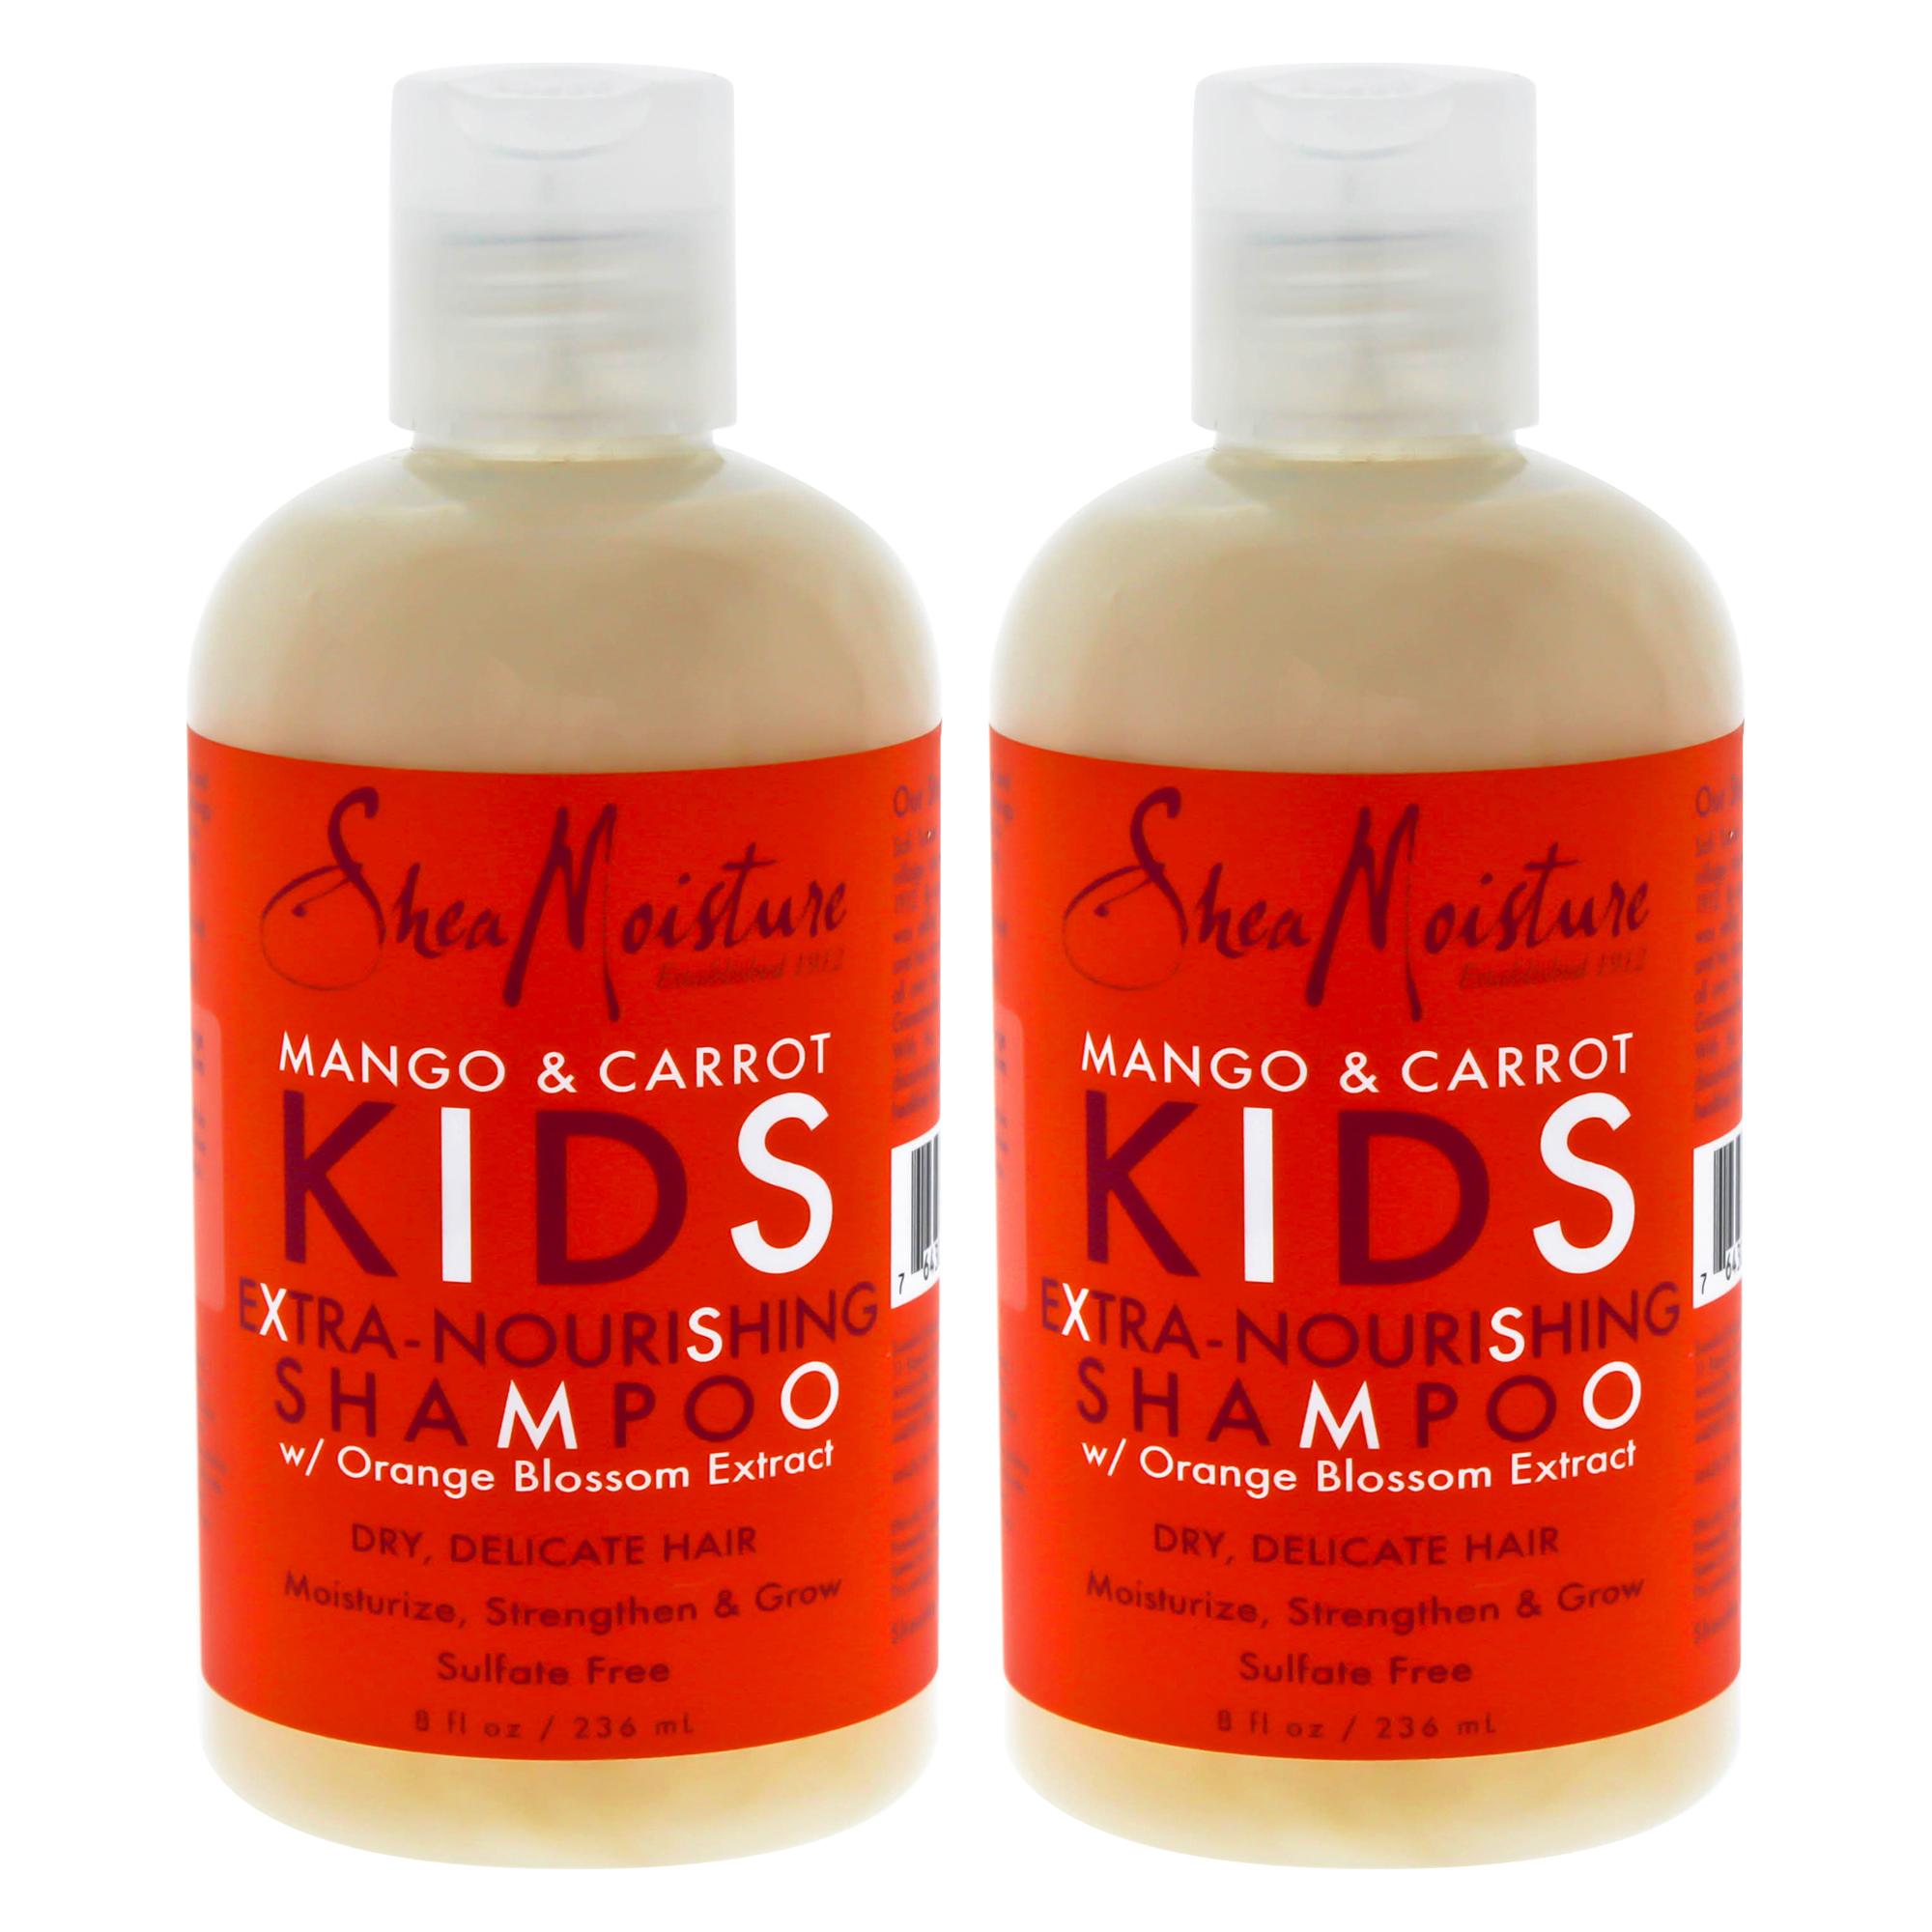 Mango and Carrot Kids Extra-Nourishing Shampoo by Shea Moisture for Kids - 8 oz Shampoo - Pack of 2